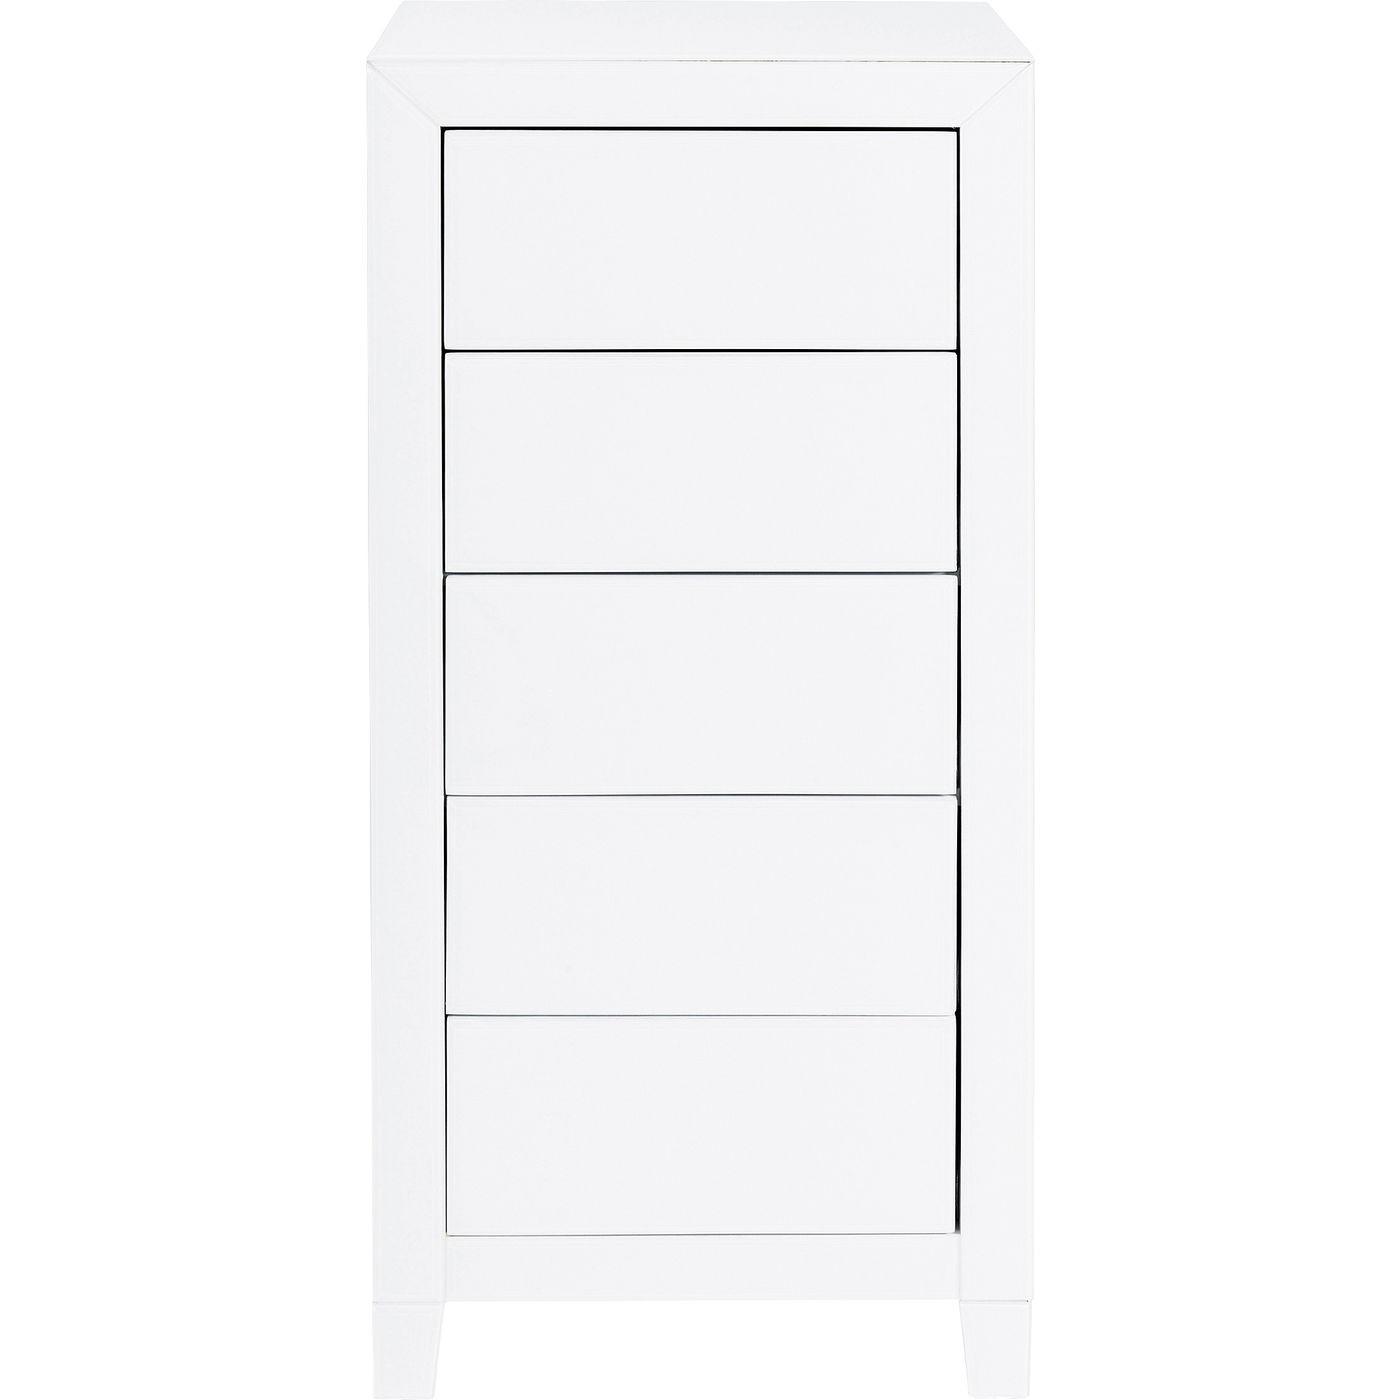 Chiffonnier 5 tiroirs en verre blanc